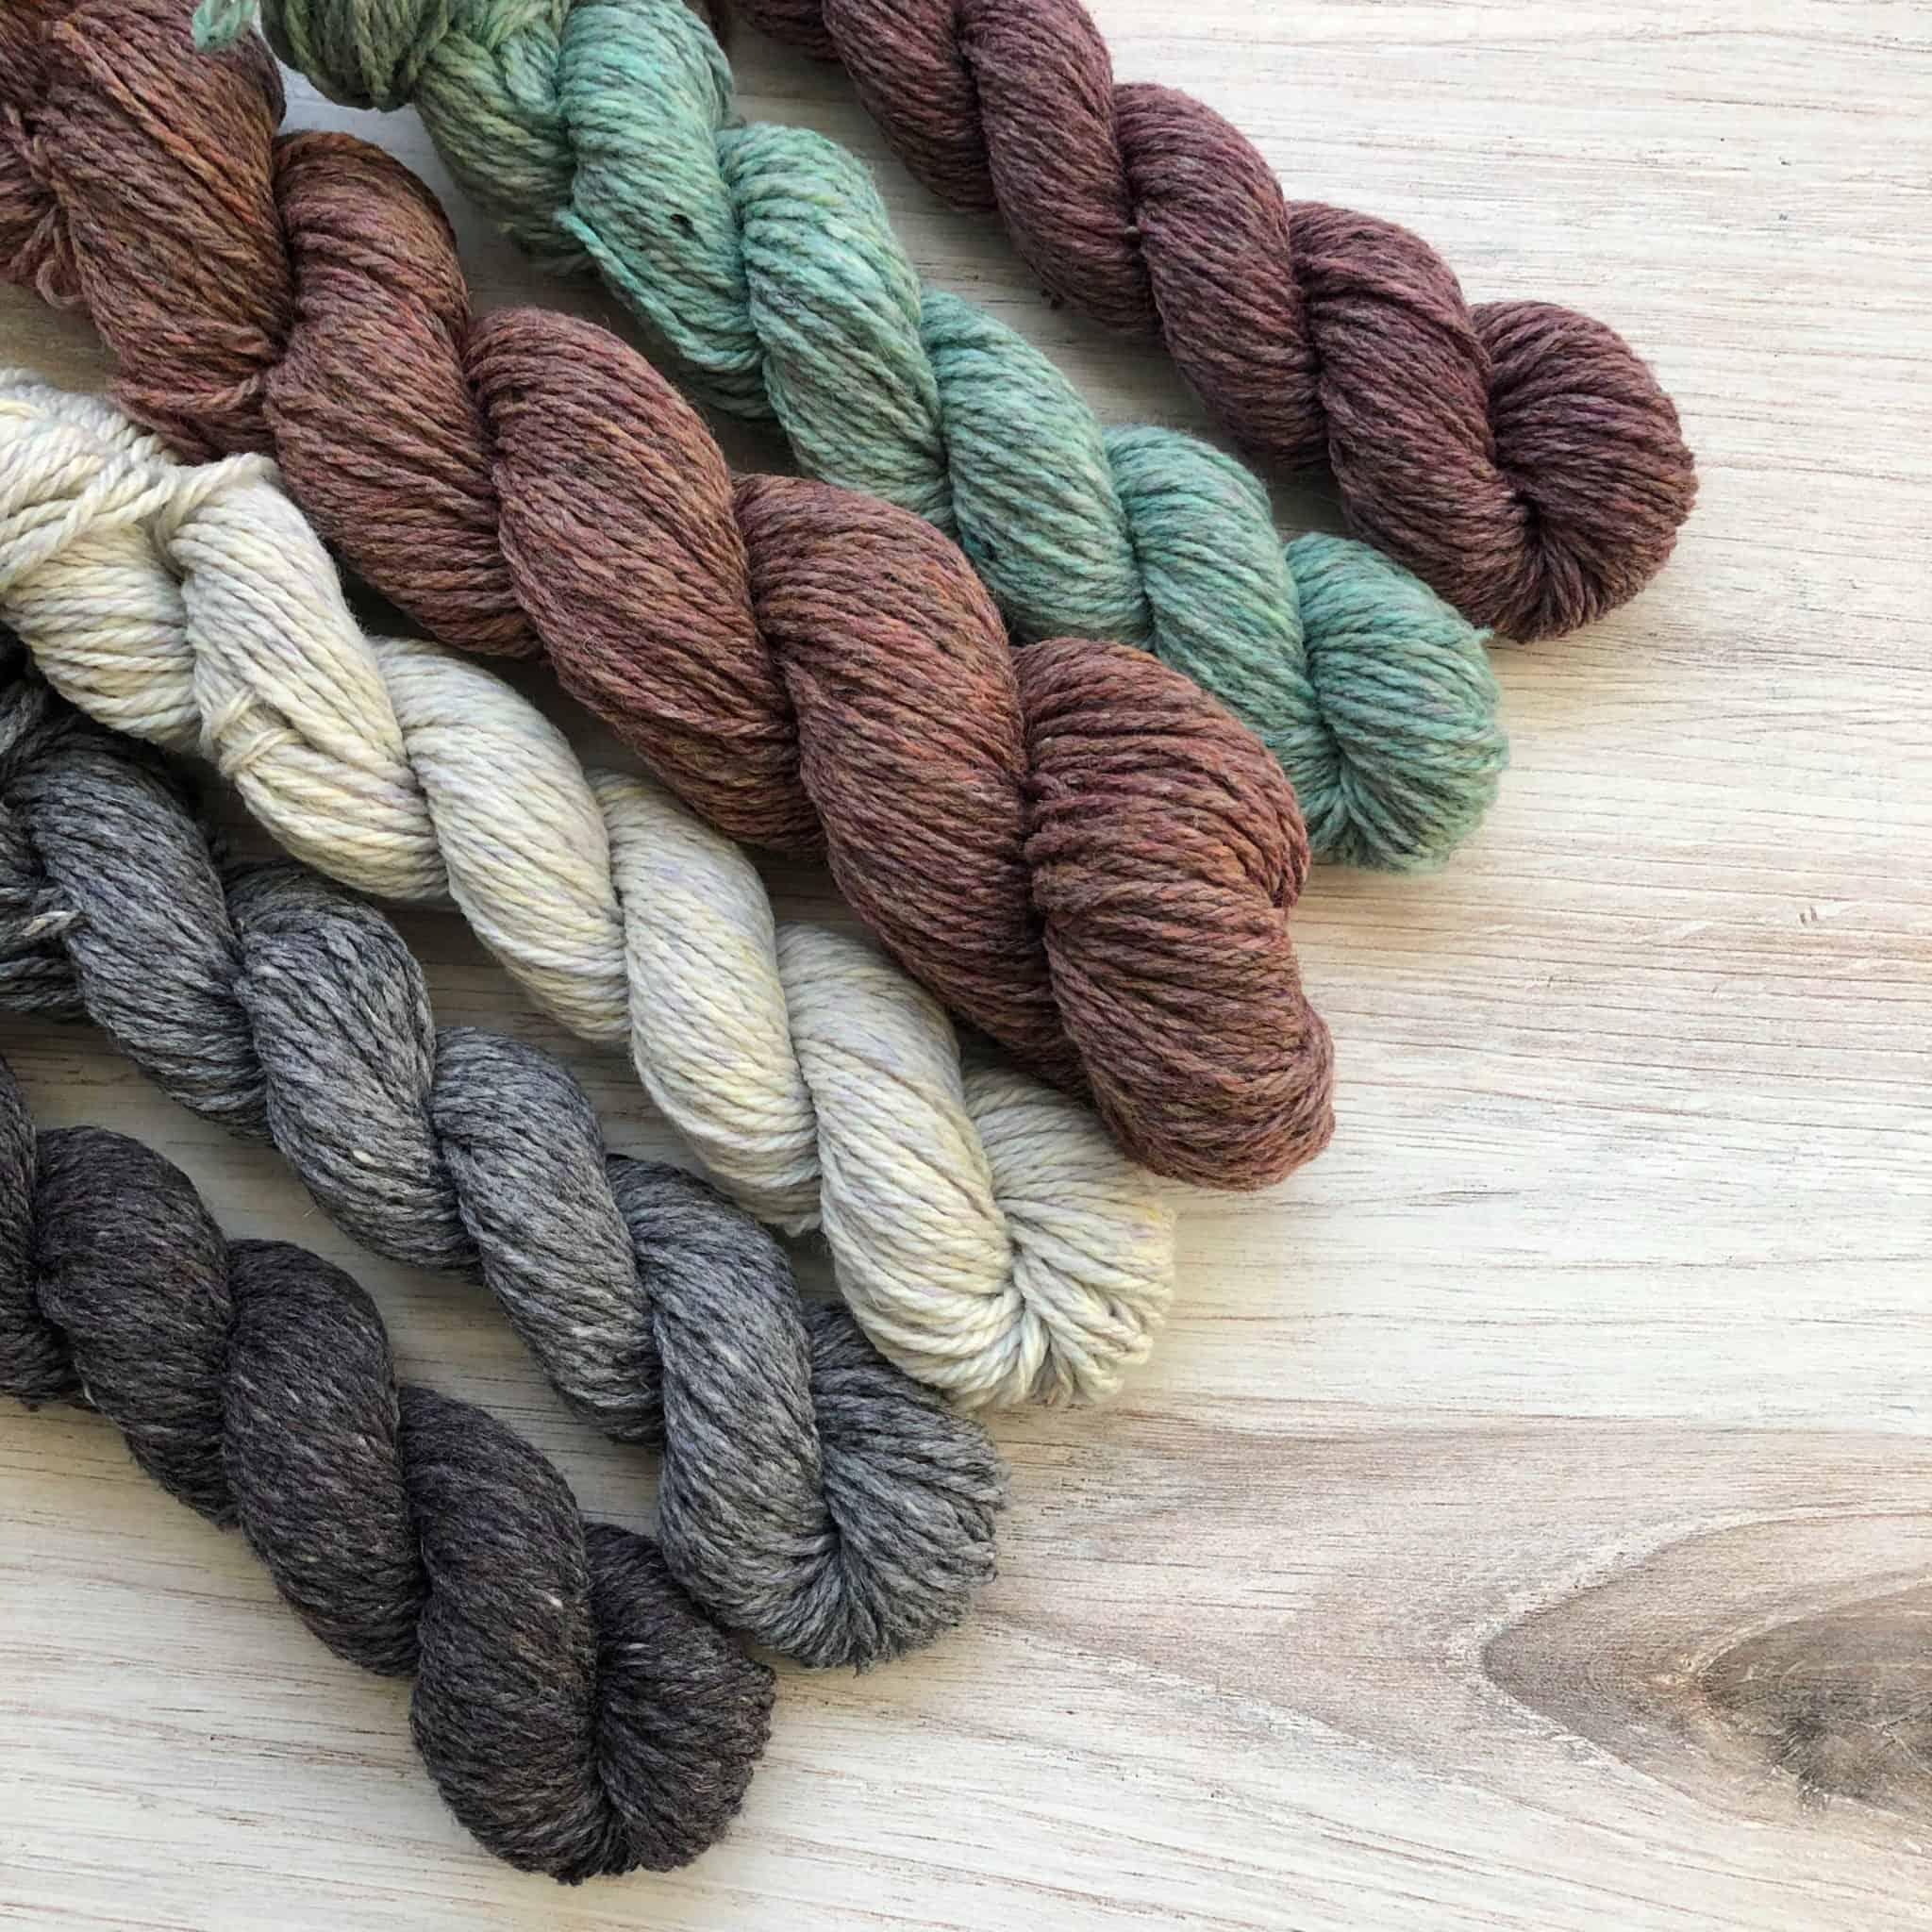 Six mini skeins of gray, white, purple and aqua yarn.